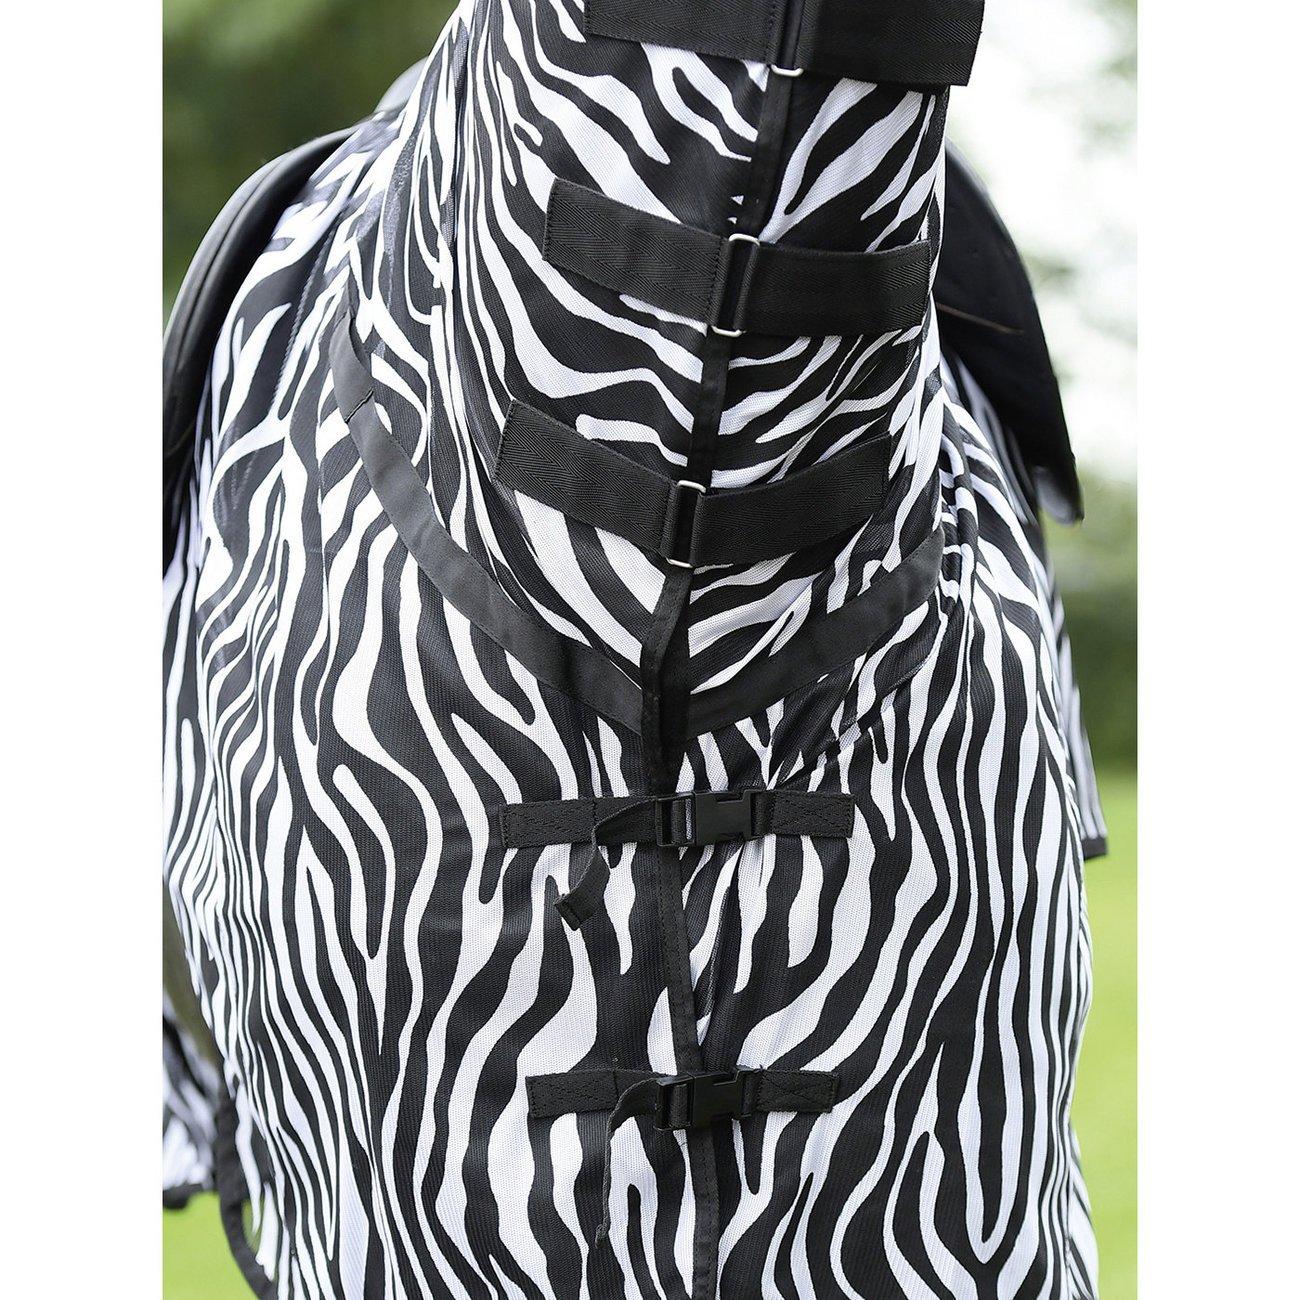 BUSSE Moskito Zebra II zum Ausreiten, Bild 2